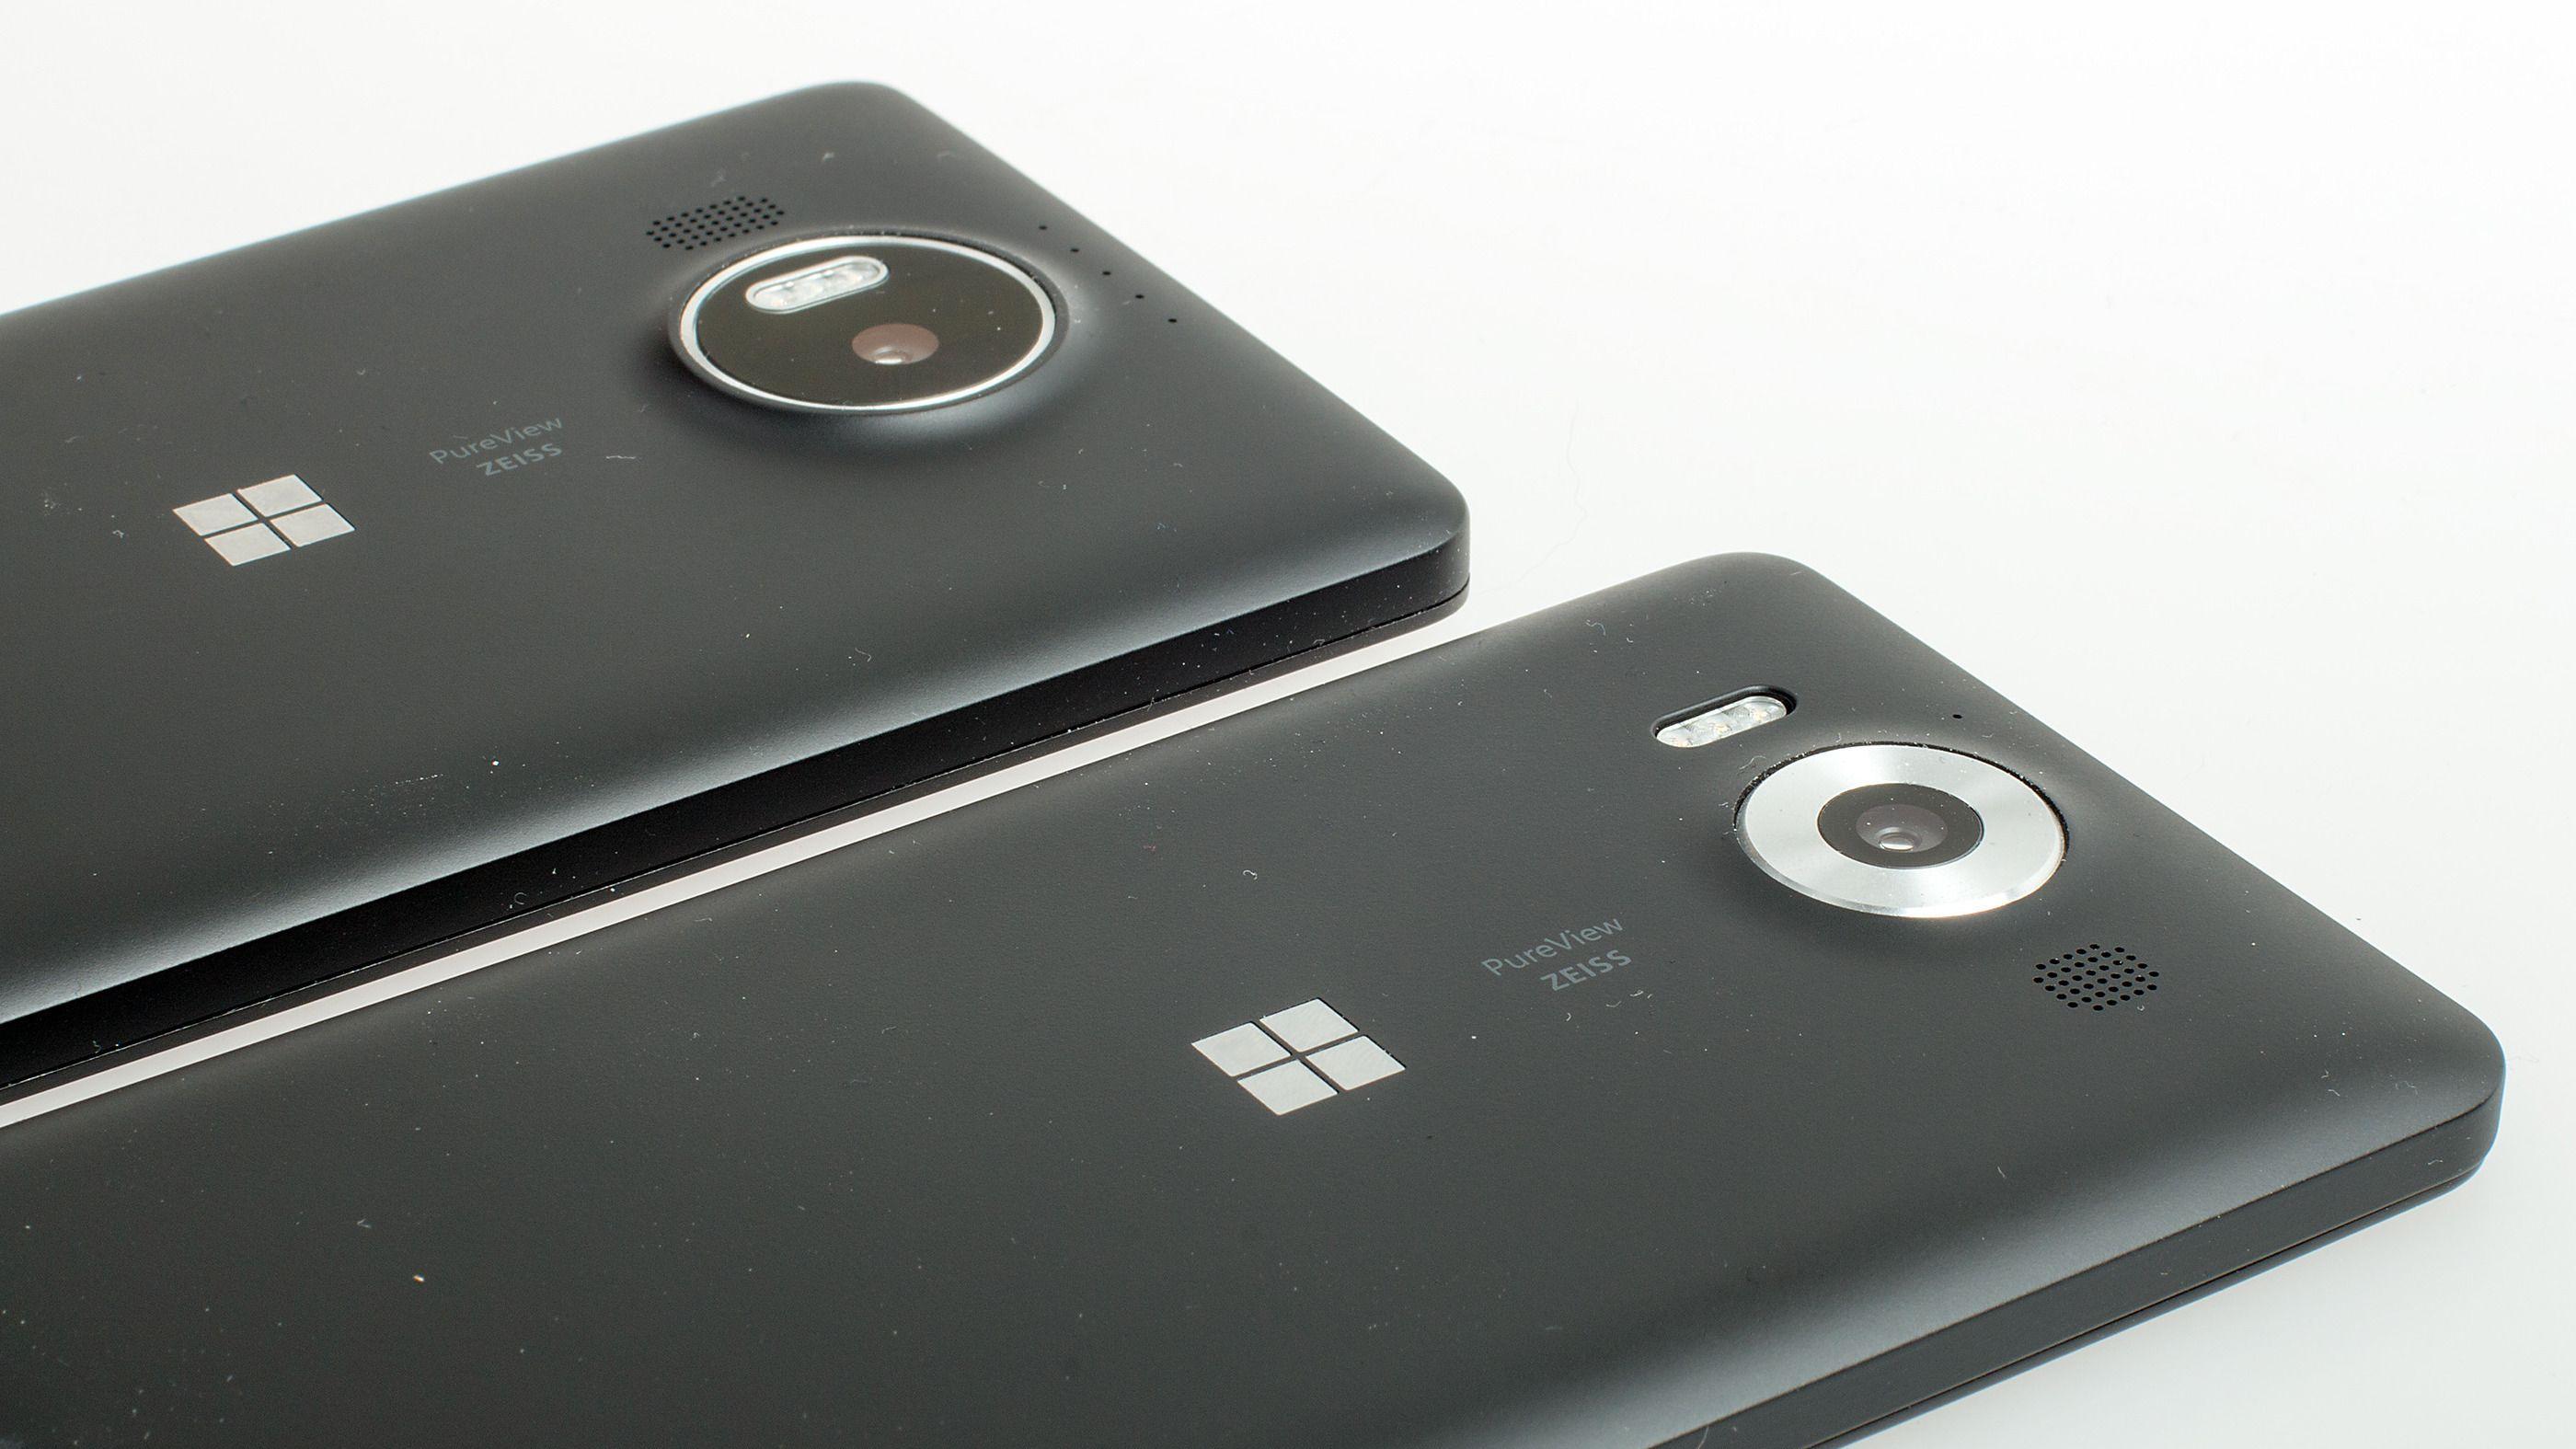 Lumia 950 (nærmest) og 950 XL bruker samme kamera, selv om de ser litt forskjellige ut på utsiden. Tre fargede LED-lys sørger for riktig farge på blitslyset. Foto: Kurt Lekanger, Tek.no